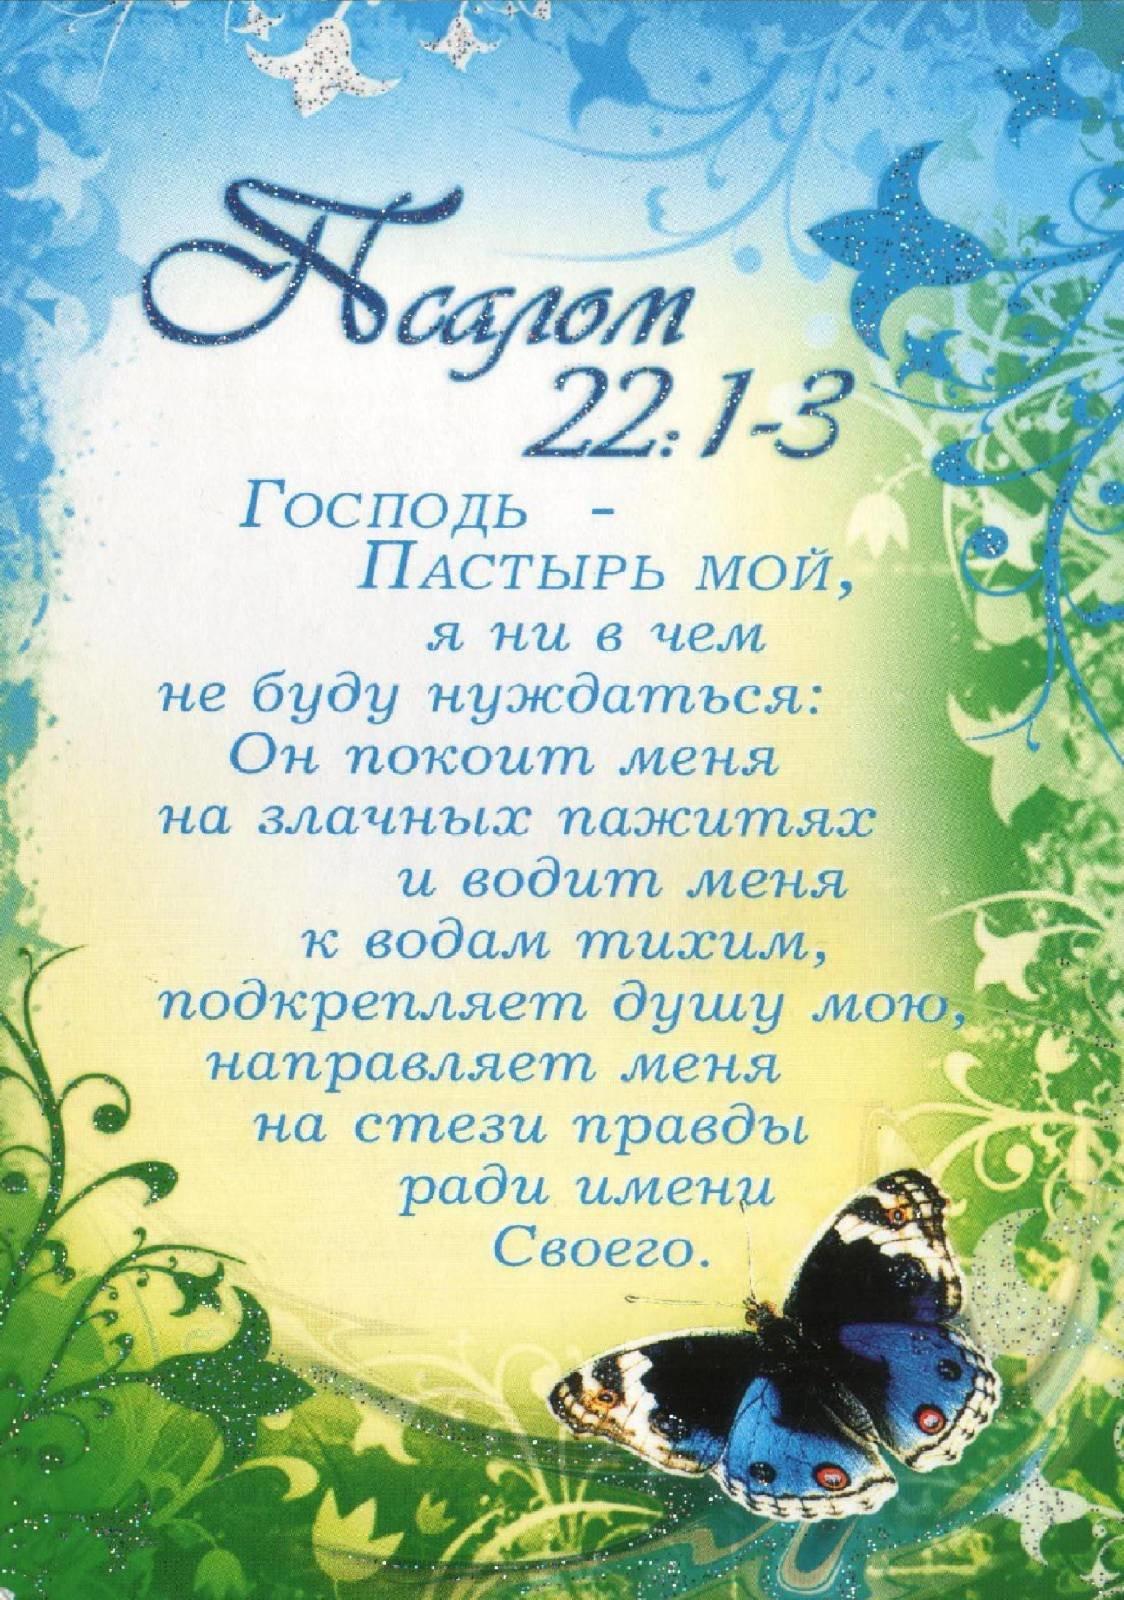 Надписью, библейские поздравления с днем рождения картинки с надписями